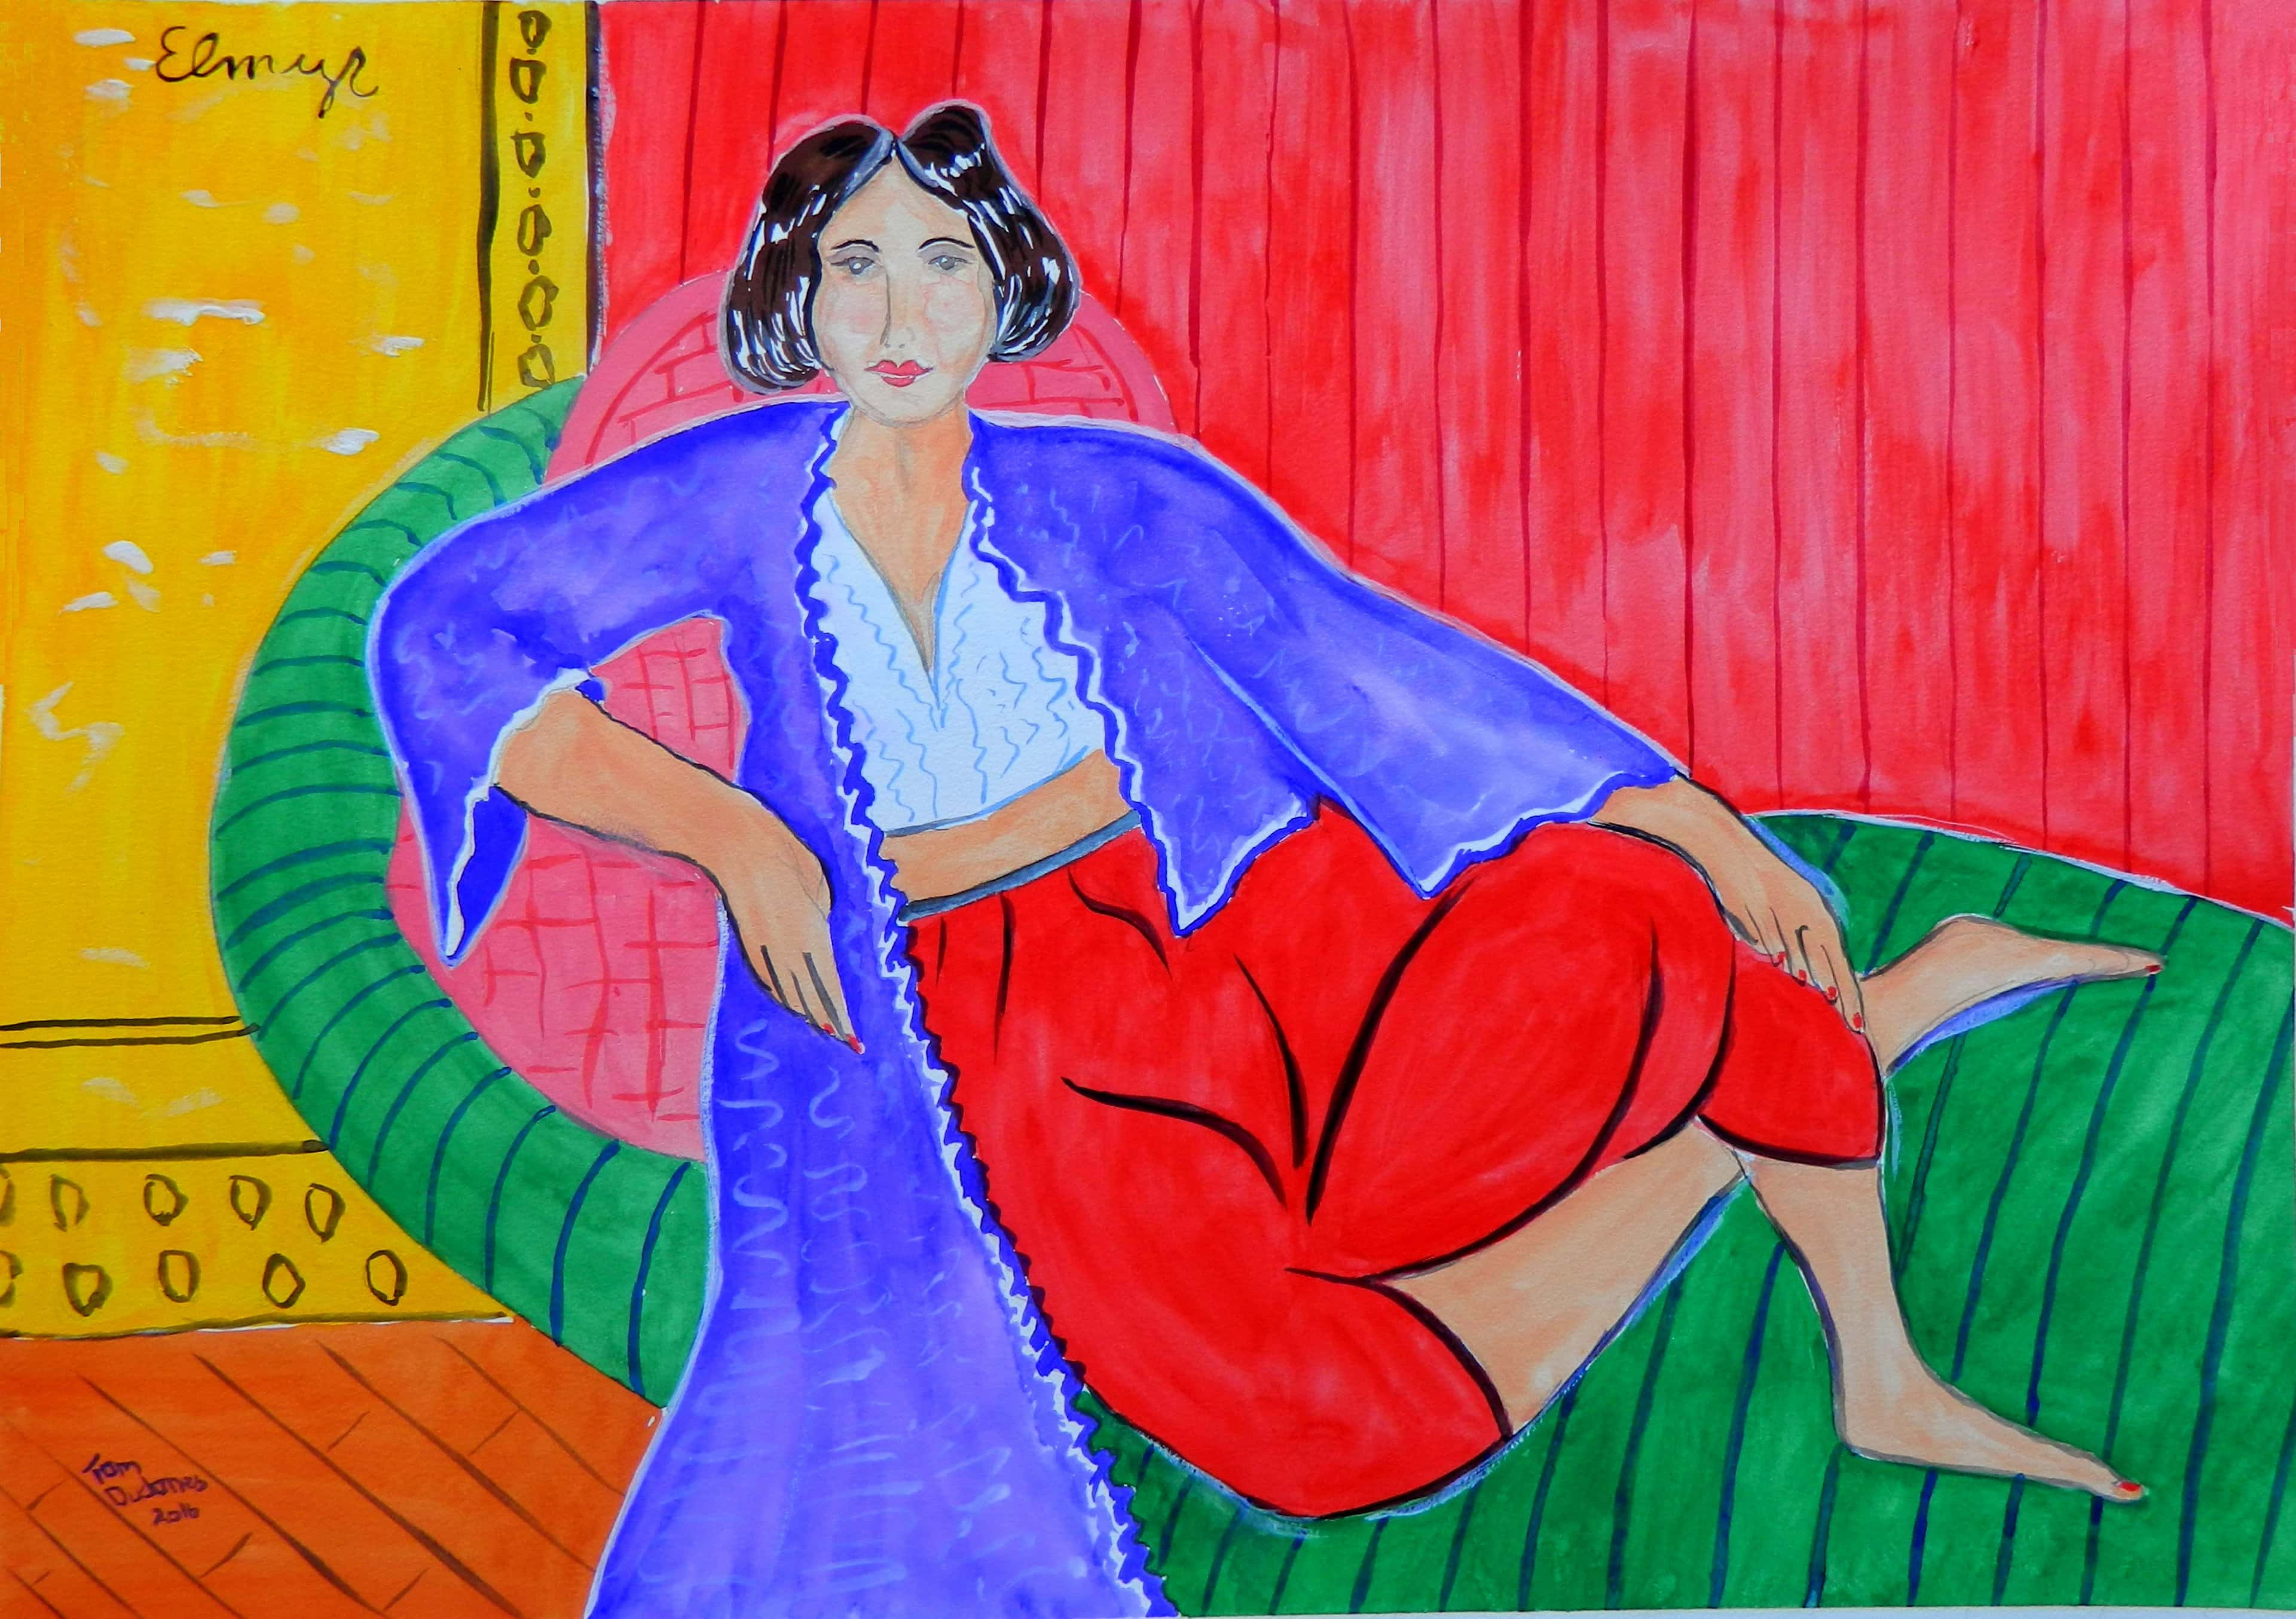 Одалиска. Элмир де Хори (1906-1976). В стиле Анри Матисса.